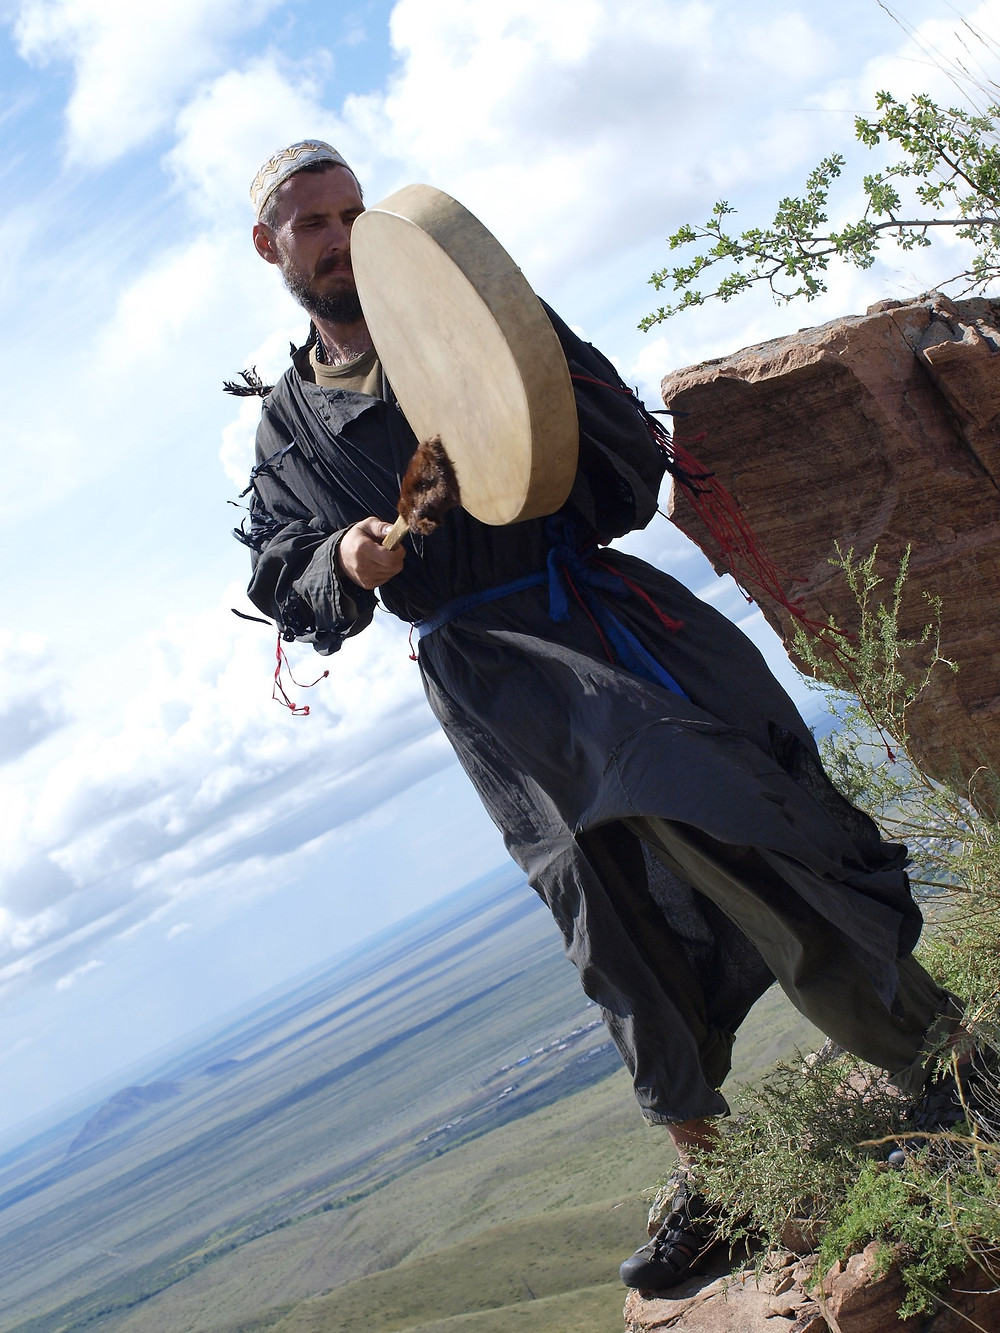 шаманизм, Тарас Журба, интервью Журба, шаман, целитель, вера, предназначение, как стать шаманом